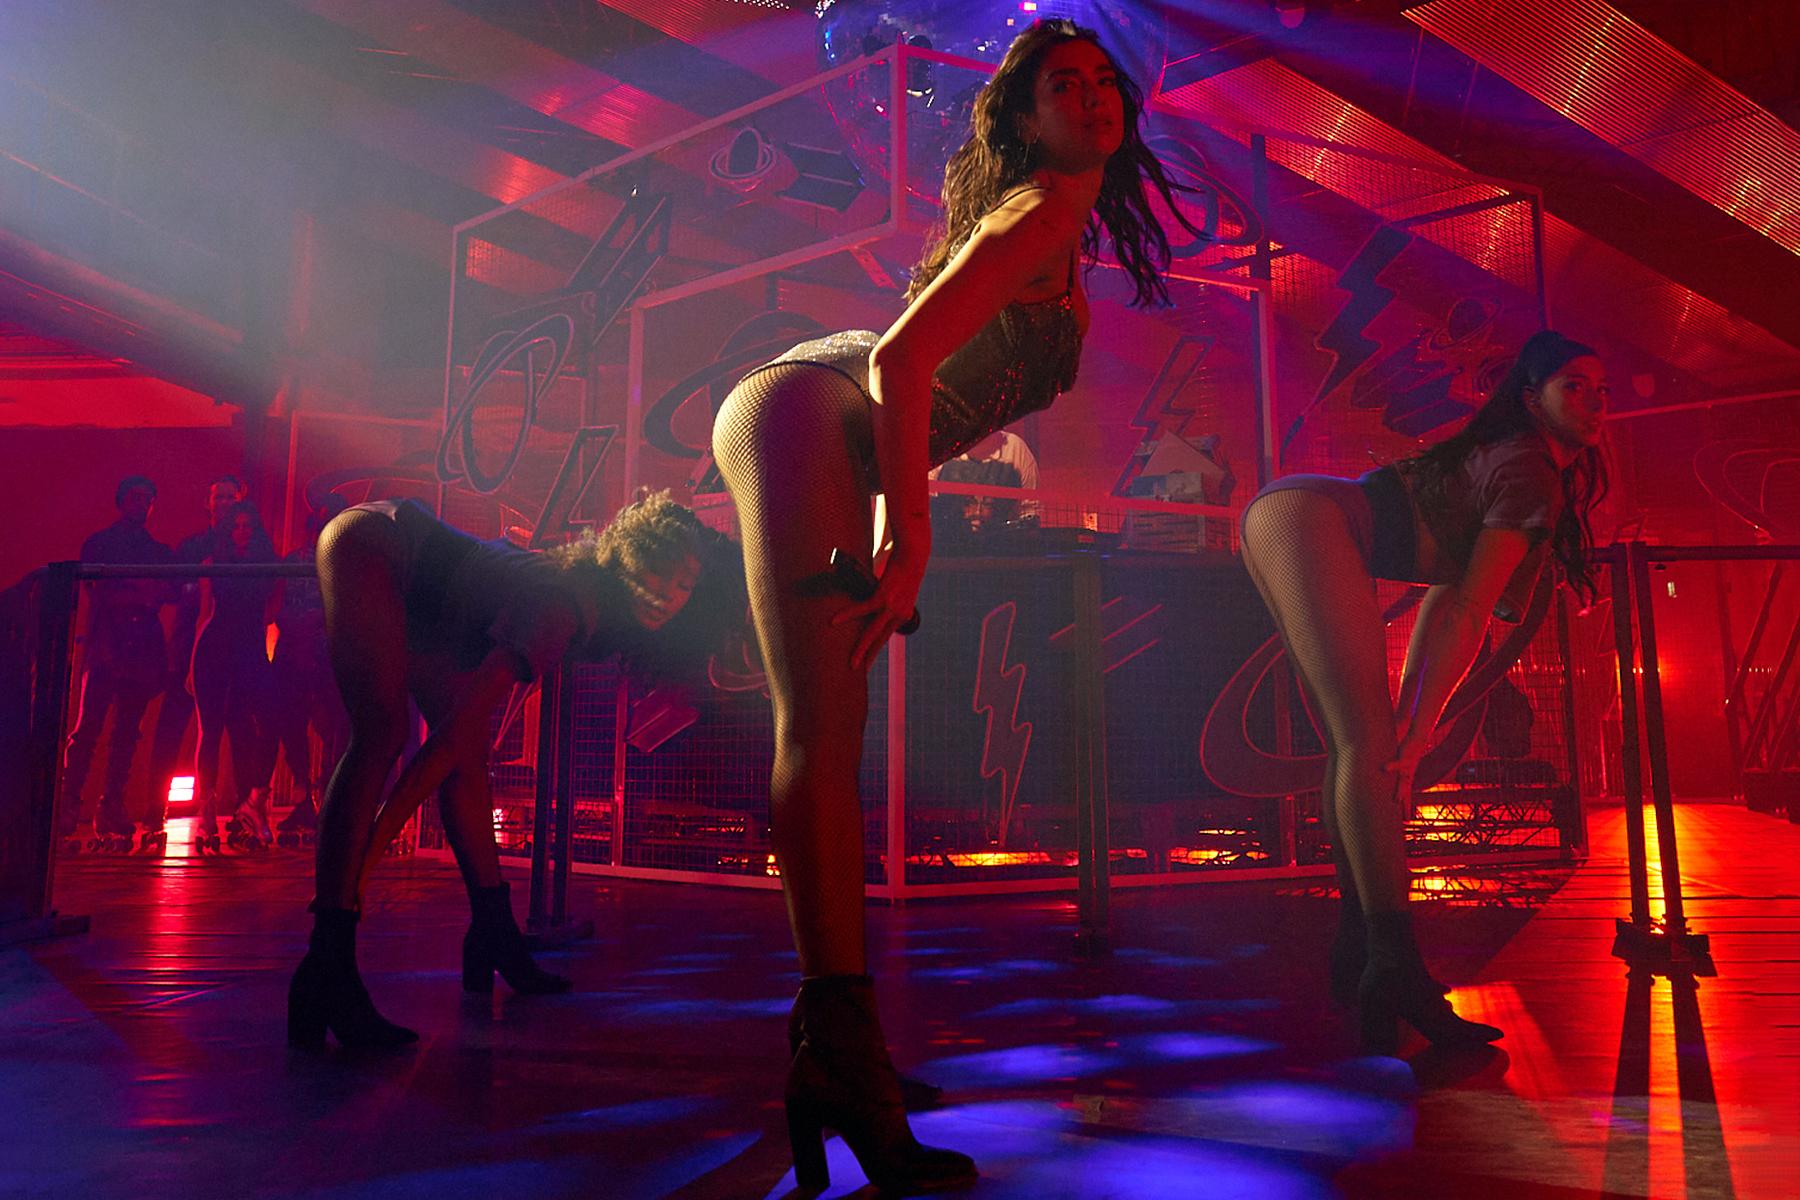 Erotic Live Stream